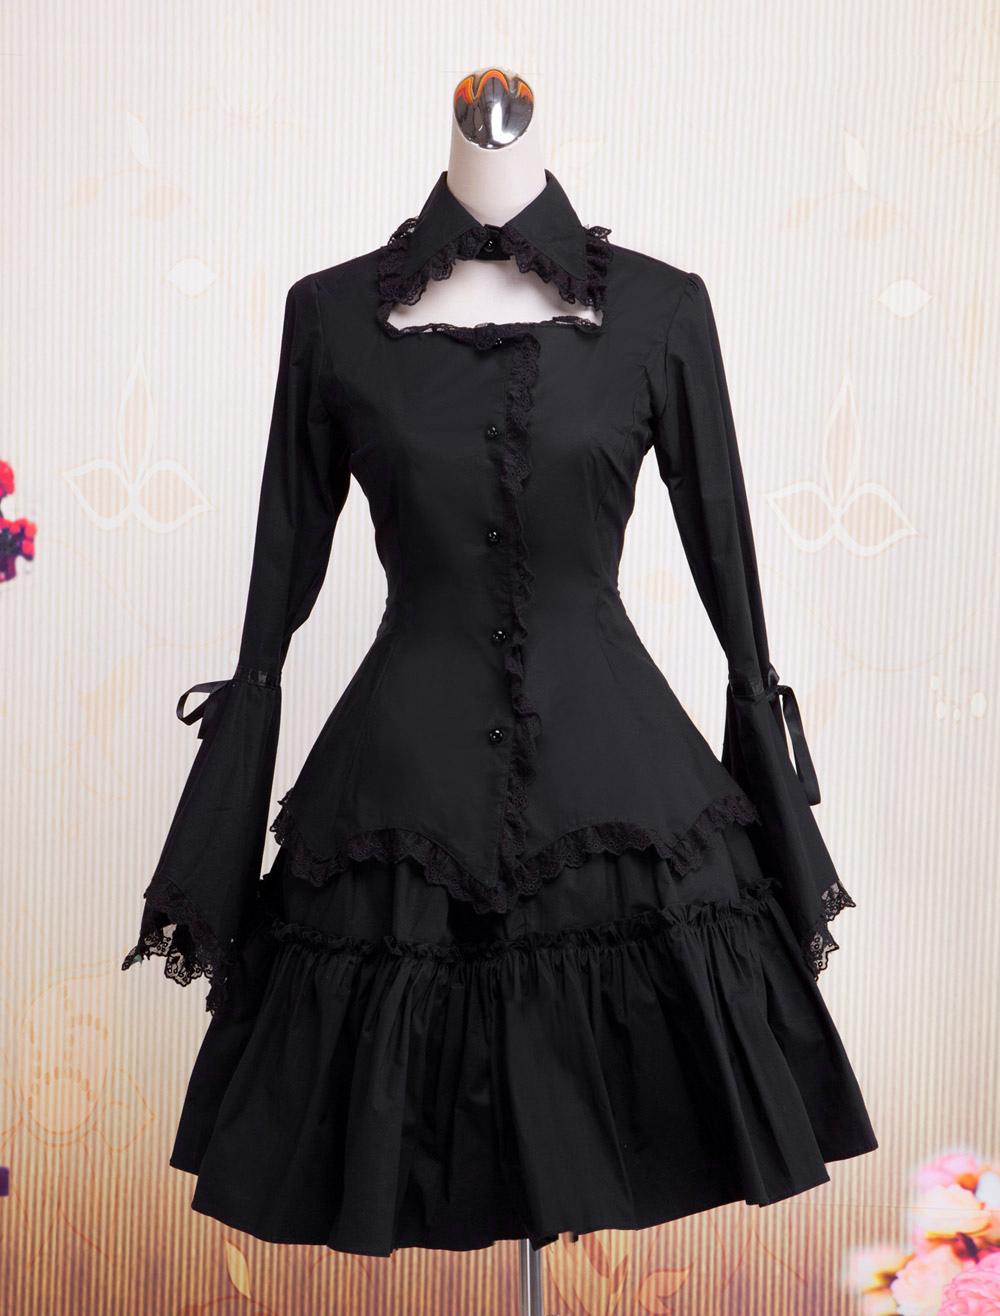 lolitashow gothic lolita kleid black op lange hime Ärmeln rüschen trim  baumwolle lolita einteiler spitzenkleid